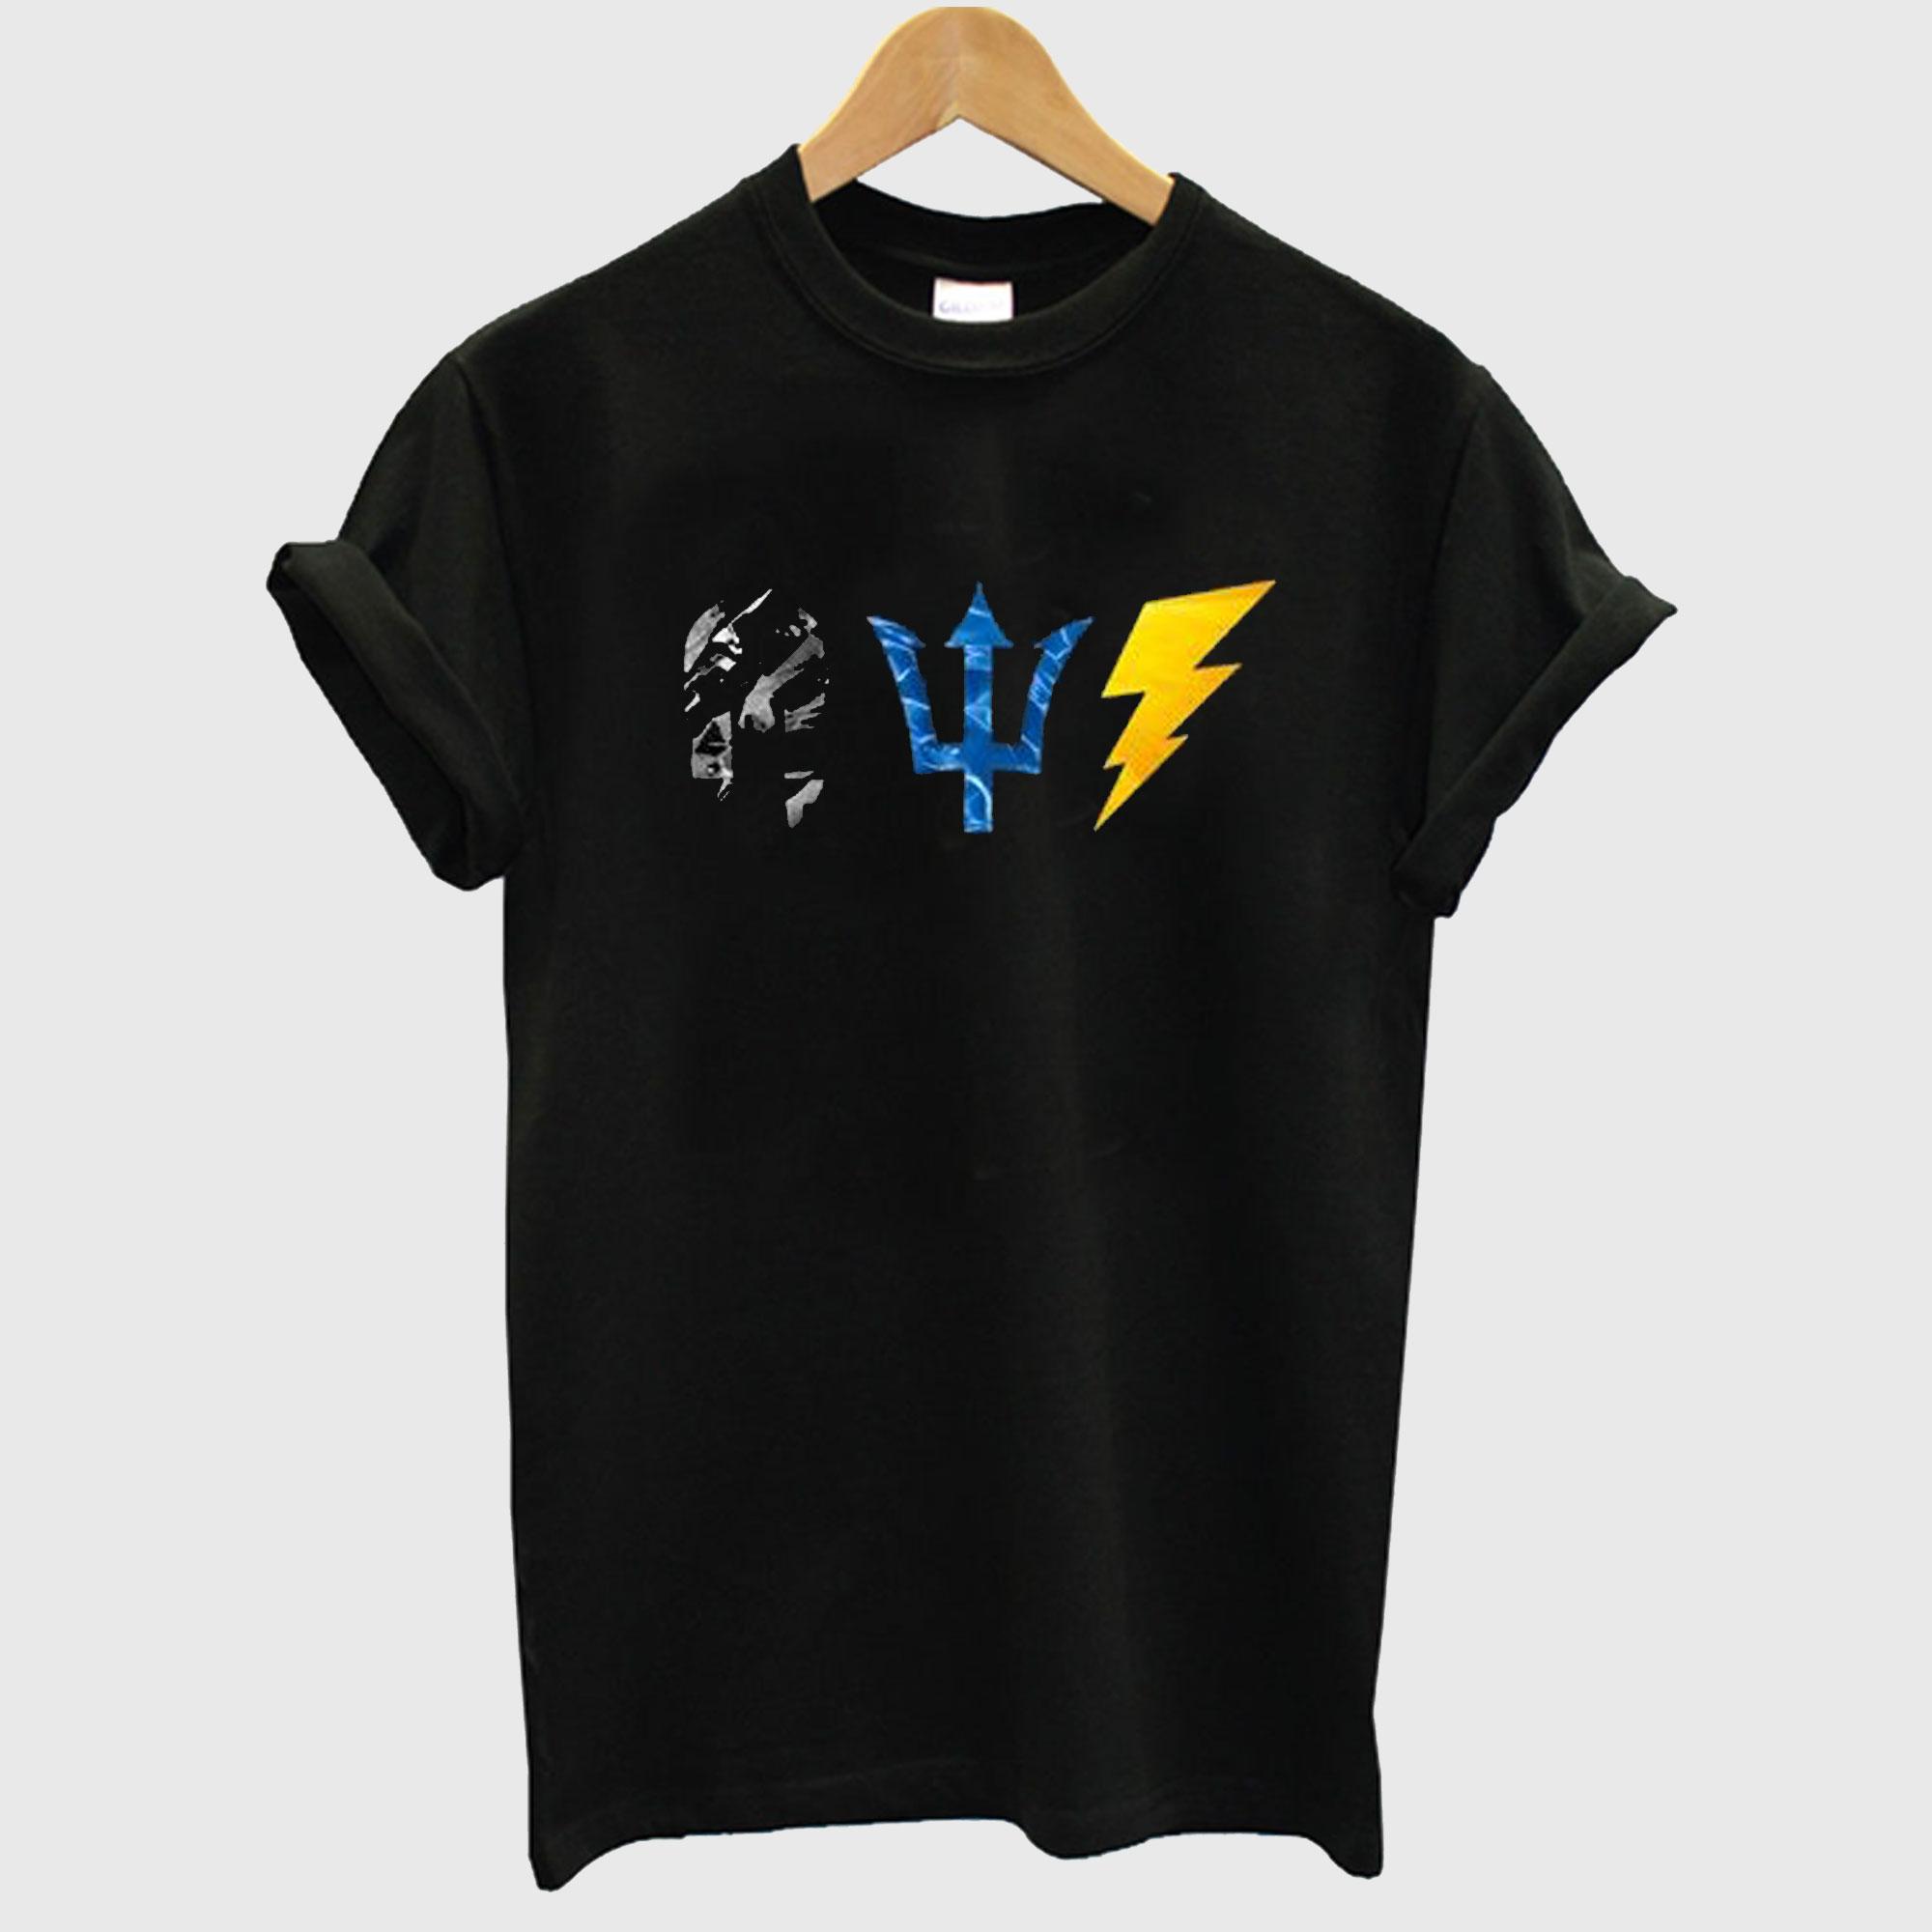 Hades Poseidon Zeus Symbols T-Shirt